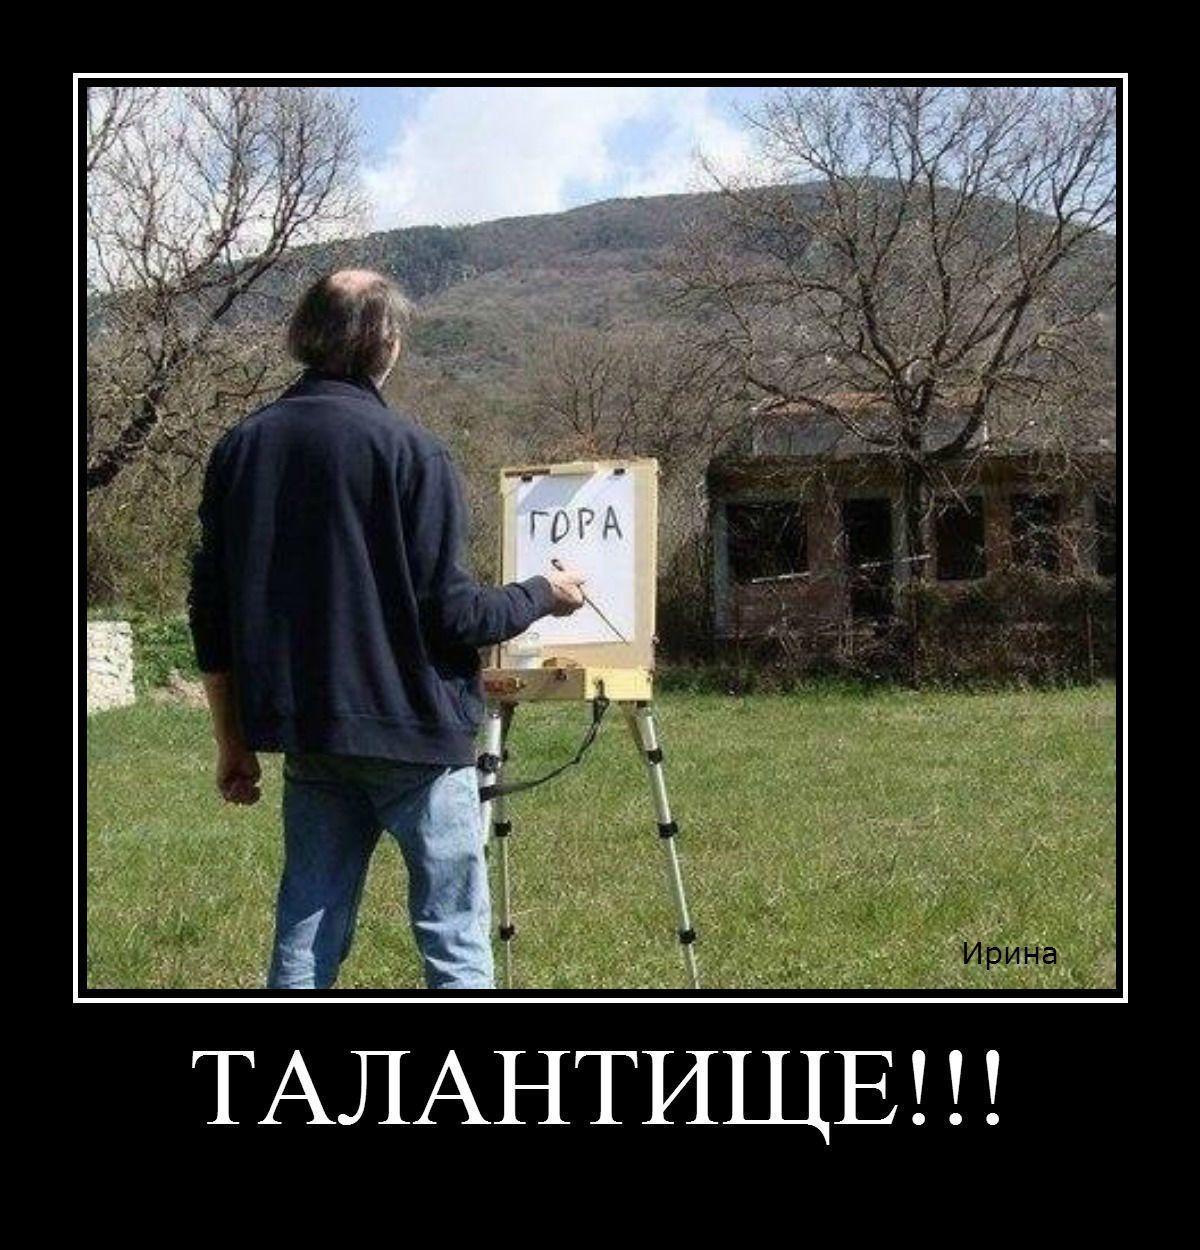 Картинки с текстом #демотиватор Ягун Поку Демотиваторы и ...